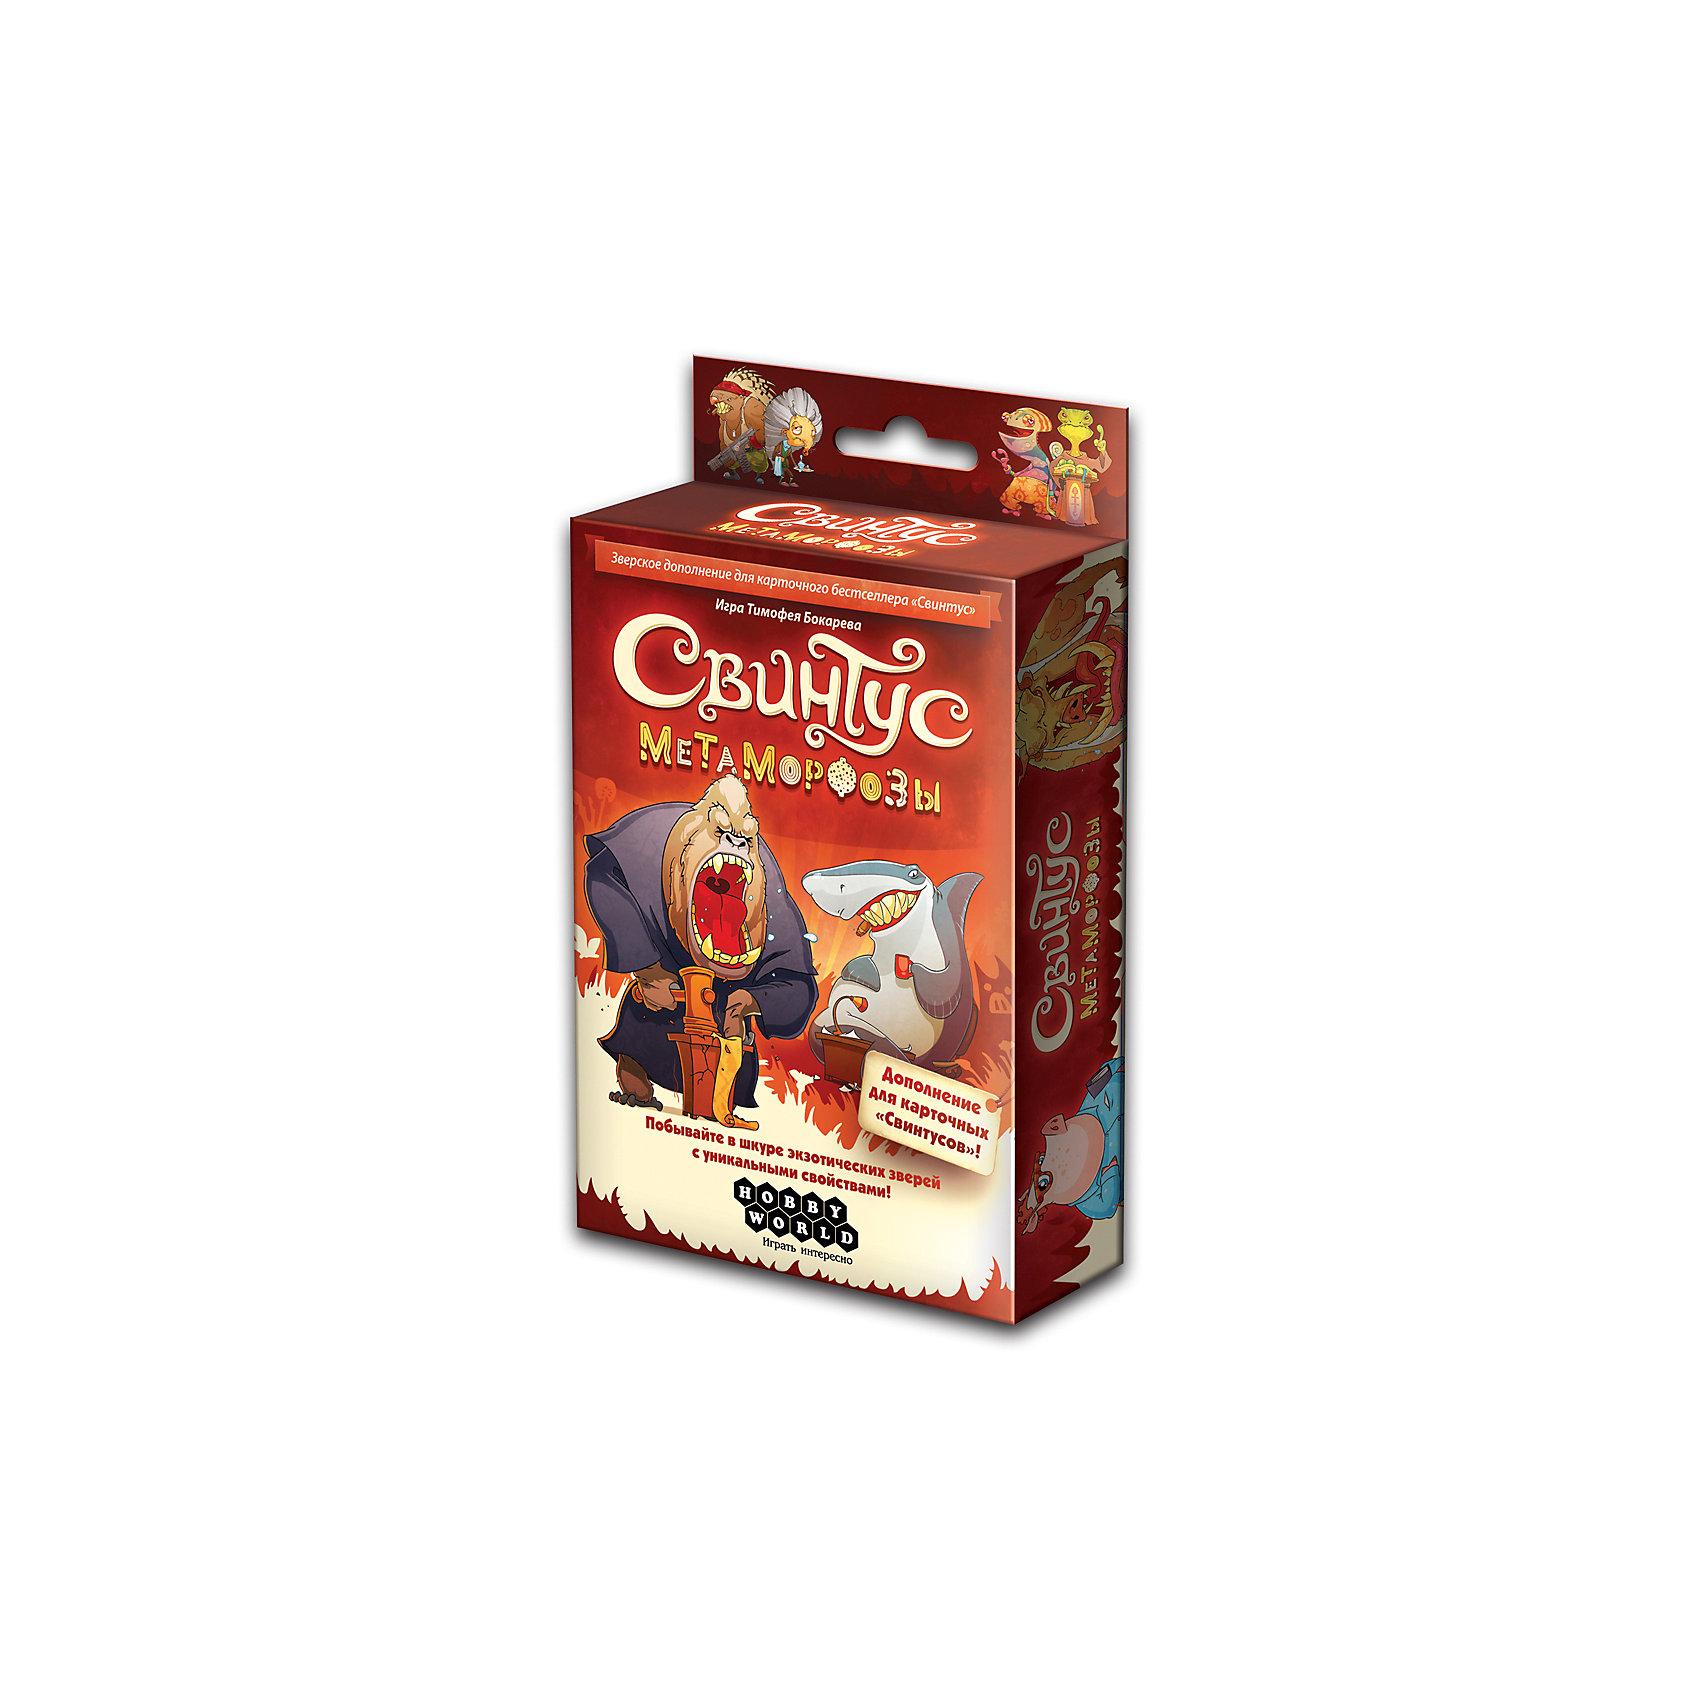 Игра Свинтус: Метаморфозы, дополнение Hobby WorldНастольные игры для всей семьи<br>Характеристики товара:<br><br>• возраст: от 8 лет;<br>• материал: картон;<br>• количество игроков: 2-10 человек;<br>• время игры: 15-20 минут;<br>• в комплекте: 15 карт зверей, пустая карта, правила игры;<br>• размер упаковки 16х9,5х3 см;<br>• вес упаковки 84 гр.;<br>• страна производитель: Россия.<br><br>Игра «Свинтус Метаморфозы» Hobby World — дополнение к игре «Свинтус», в котором ждут необычные зверюшки со свойствами.<br><br>Игру «Свинтус Метаморфозы» Hobby World можно приобрести в нашем интернет-магазине.<br><br>Ширина мм: 160<br>Глубина мм: 95<br>Высота мм: 30<br>Вес г: 84<br>Возраст от месяцев: 96<br>Возраст до месяцев: 2147483647<br>Пол: Унисекс<br>Возраст: Детский<br>SKU: 5597238